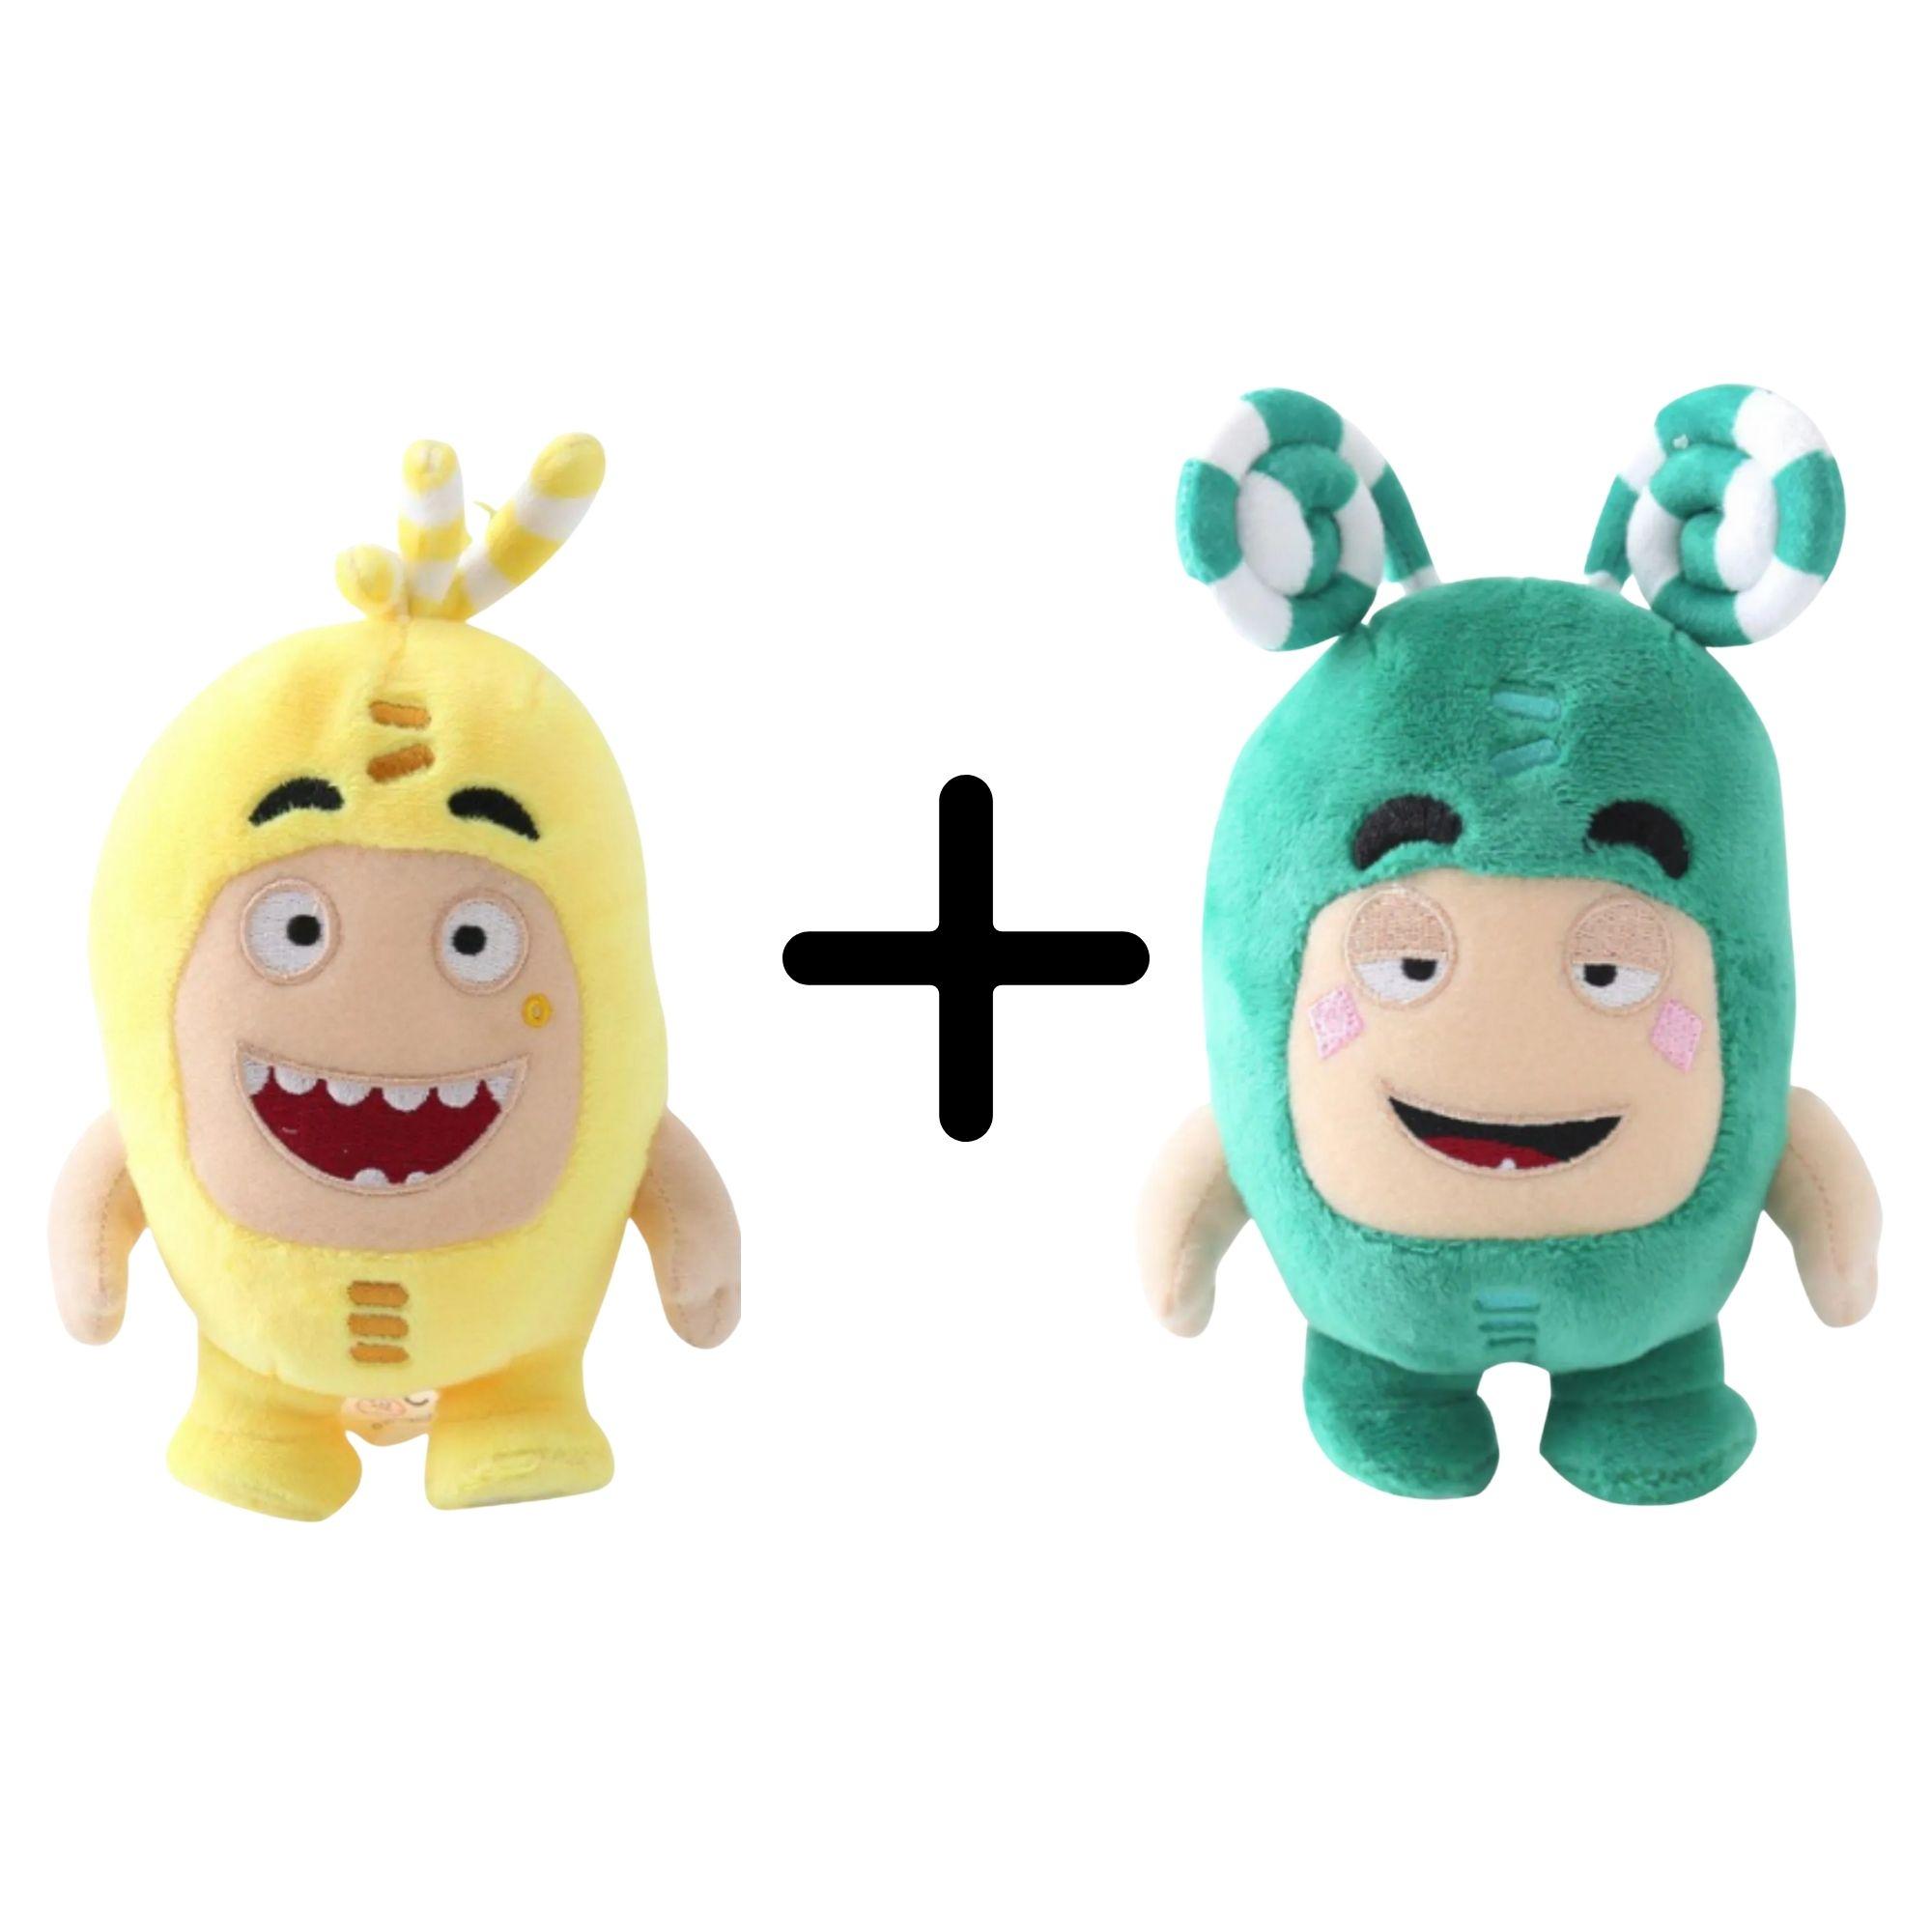 Kit com 2 Bonecos de Pelúcia Oddbods - 1 Amarelo e 1 Verde - Bubbles e Zee  - Game Land Brinquedos